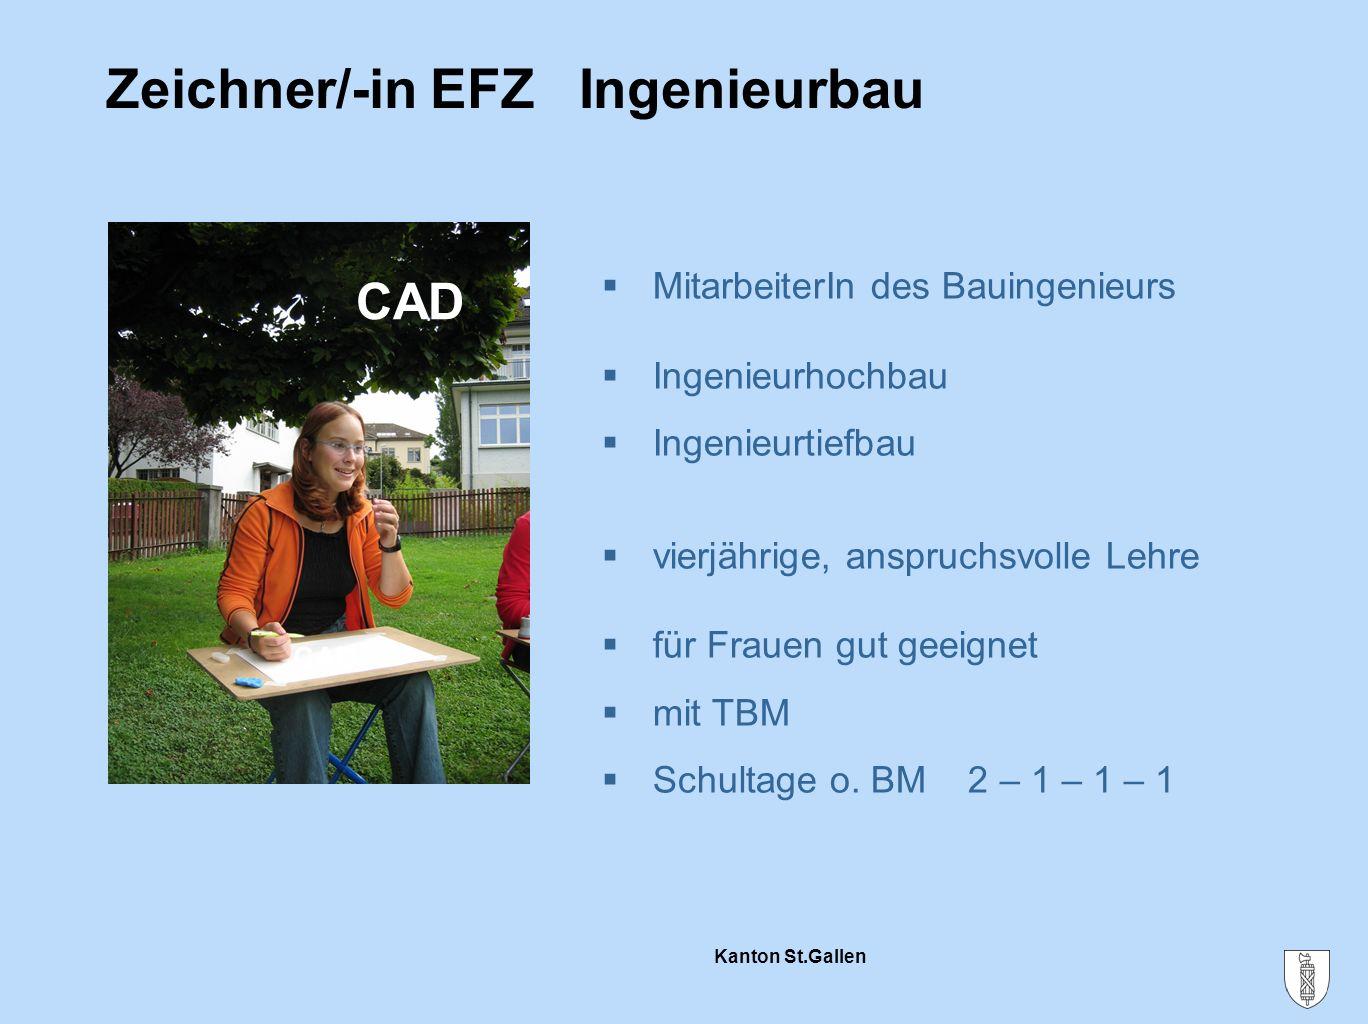 Kanton St.Gallen Zeichner/-in EFZ Ingenieurbau  MitarbeiterIn des Bauingenieurs  Ingenieurhochbau  Ingenieurtiefbau  vierjährige, anspruchsvolle L